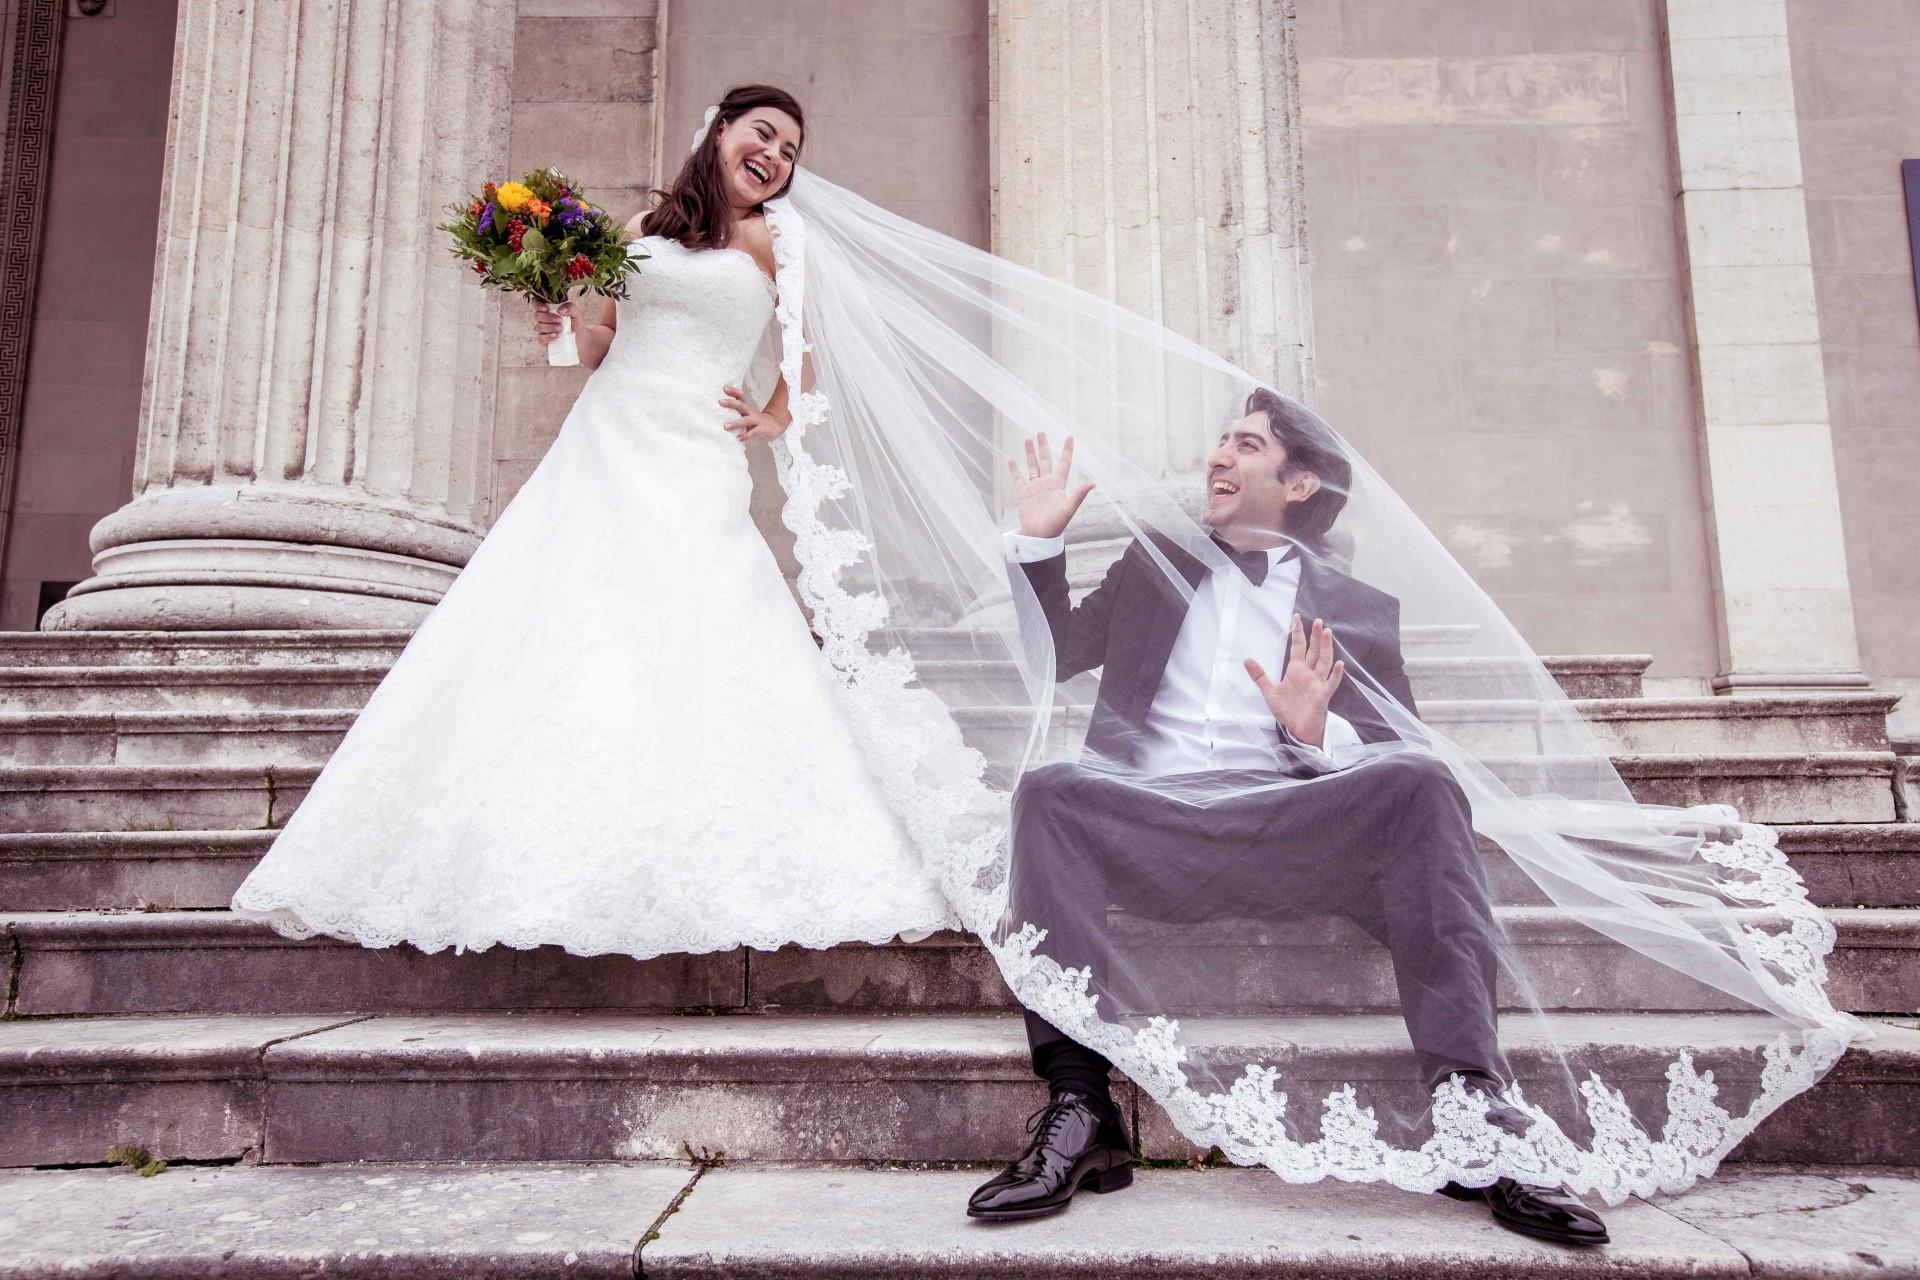 Die 20 Besten Ideen Für Türkische Hochzeit Kosten - Beste